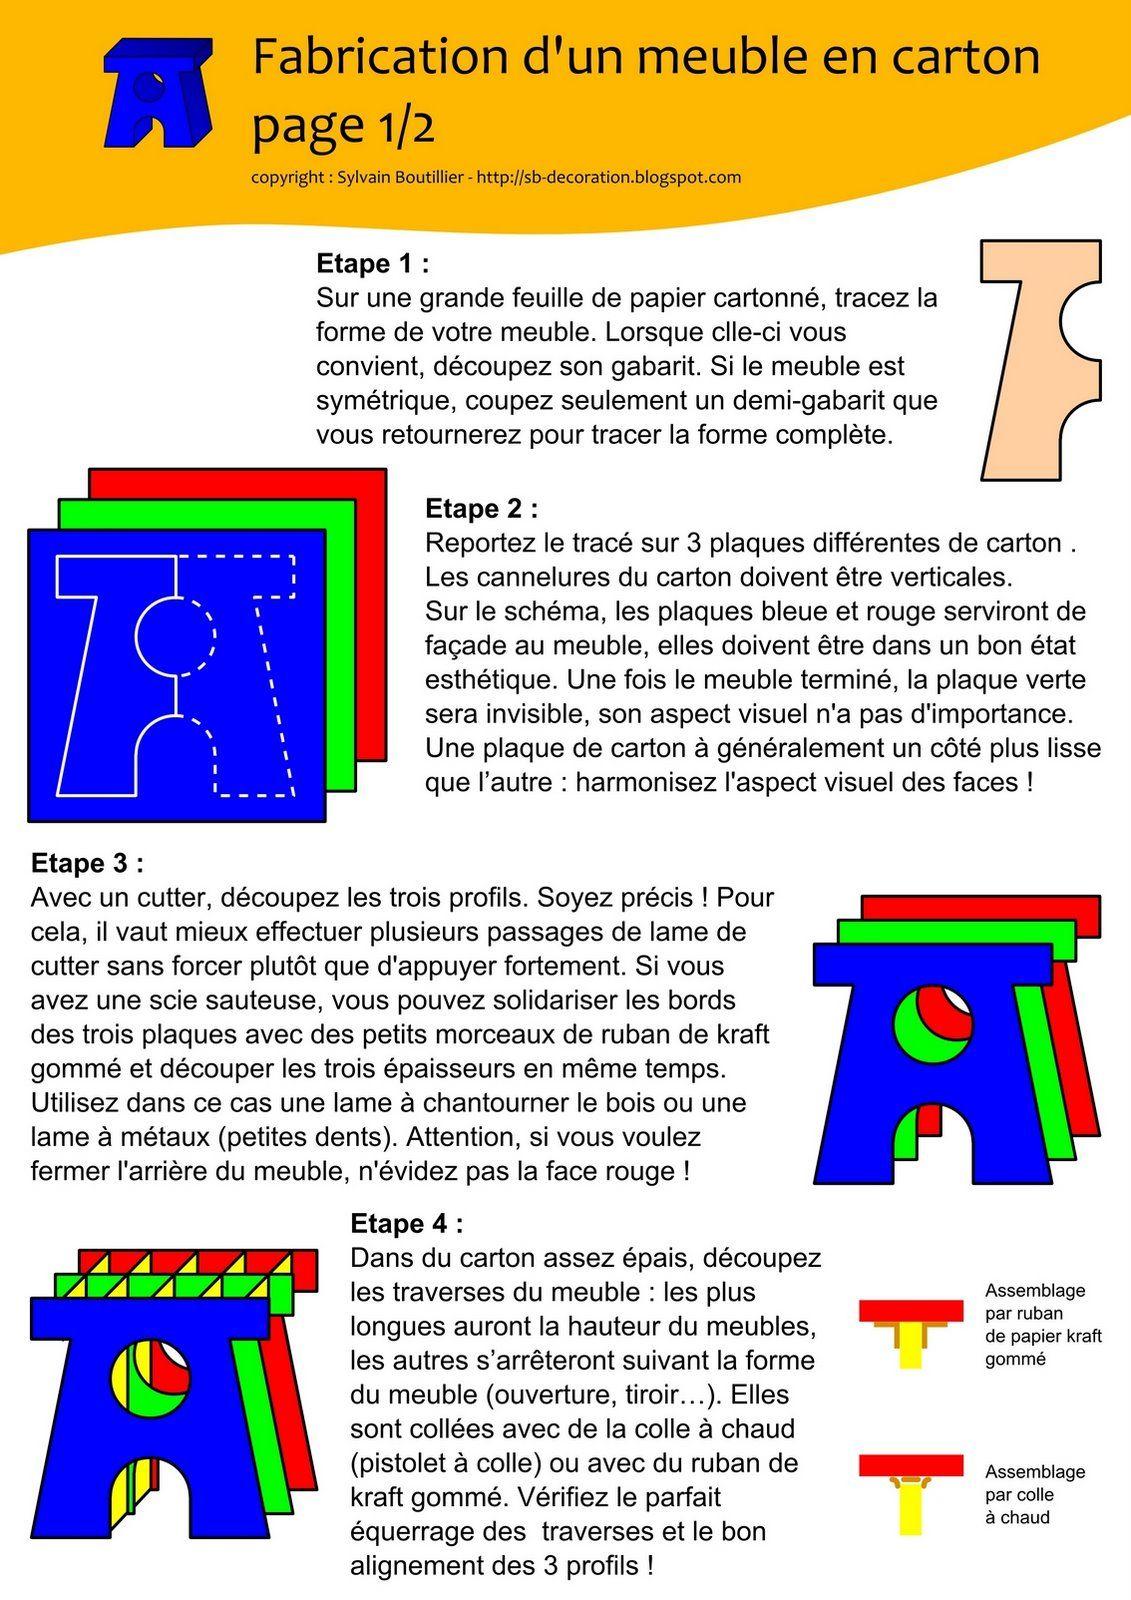 Meuble_en_carton_1 2 Jpg Techniques Pour Travailler Le Carton  # Schema De Fabrication D' Un Classeur En Bois